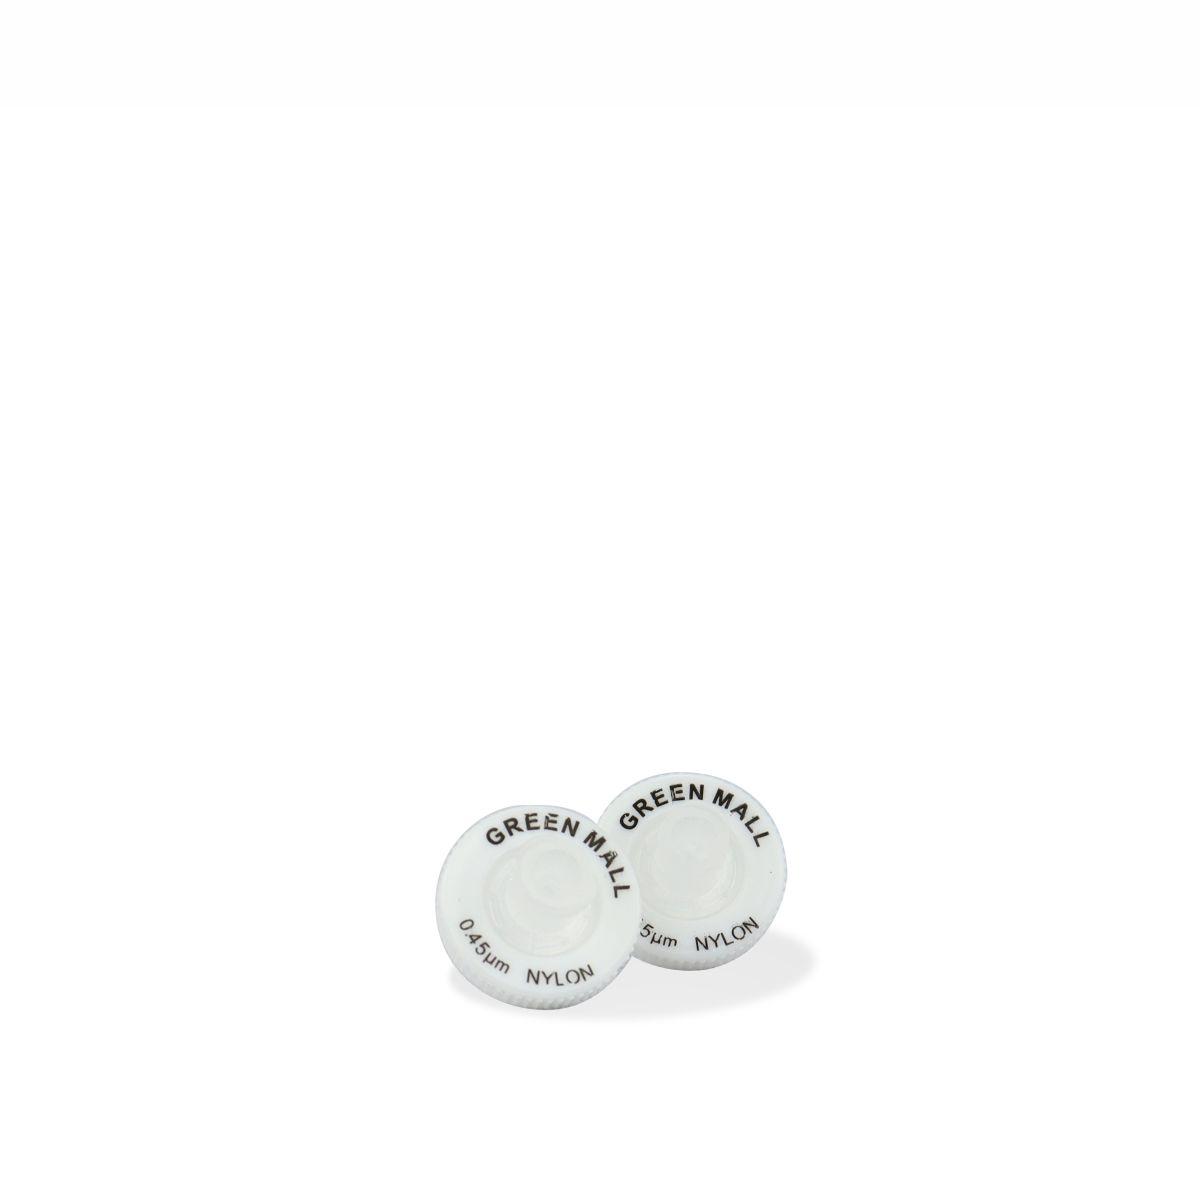 Filtro para Seringa com Membrana em Nylon Poro 0,45 µm e Diâmetro 13 mm (100 unidades)